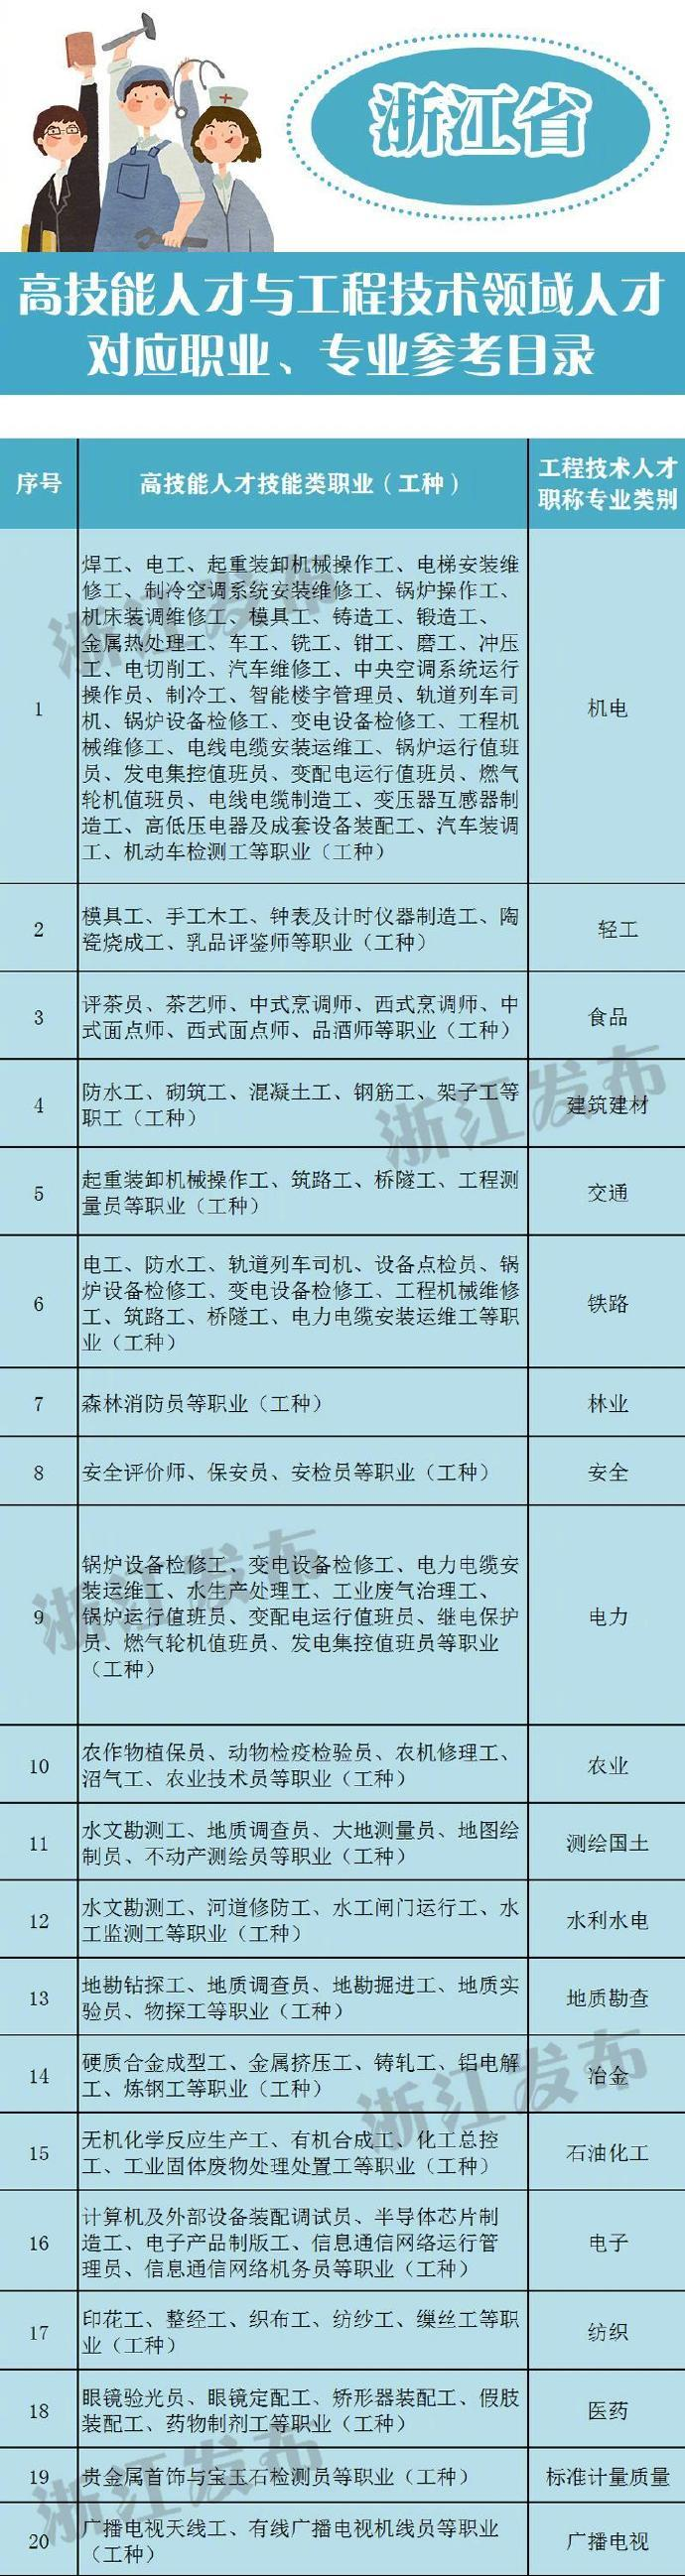 浙江发布高技能人才与工程技术领域人才对应职业、专业参考目录